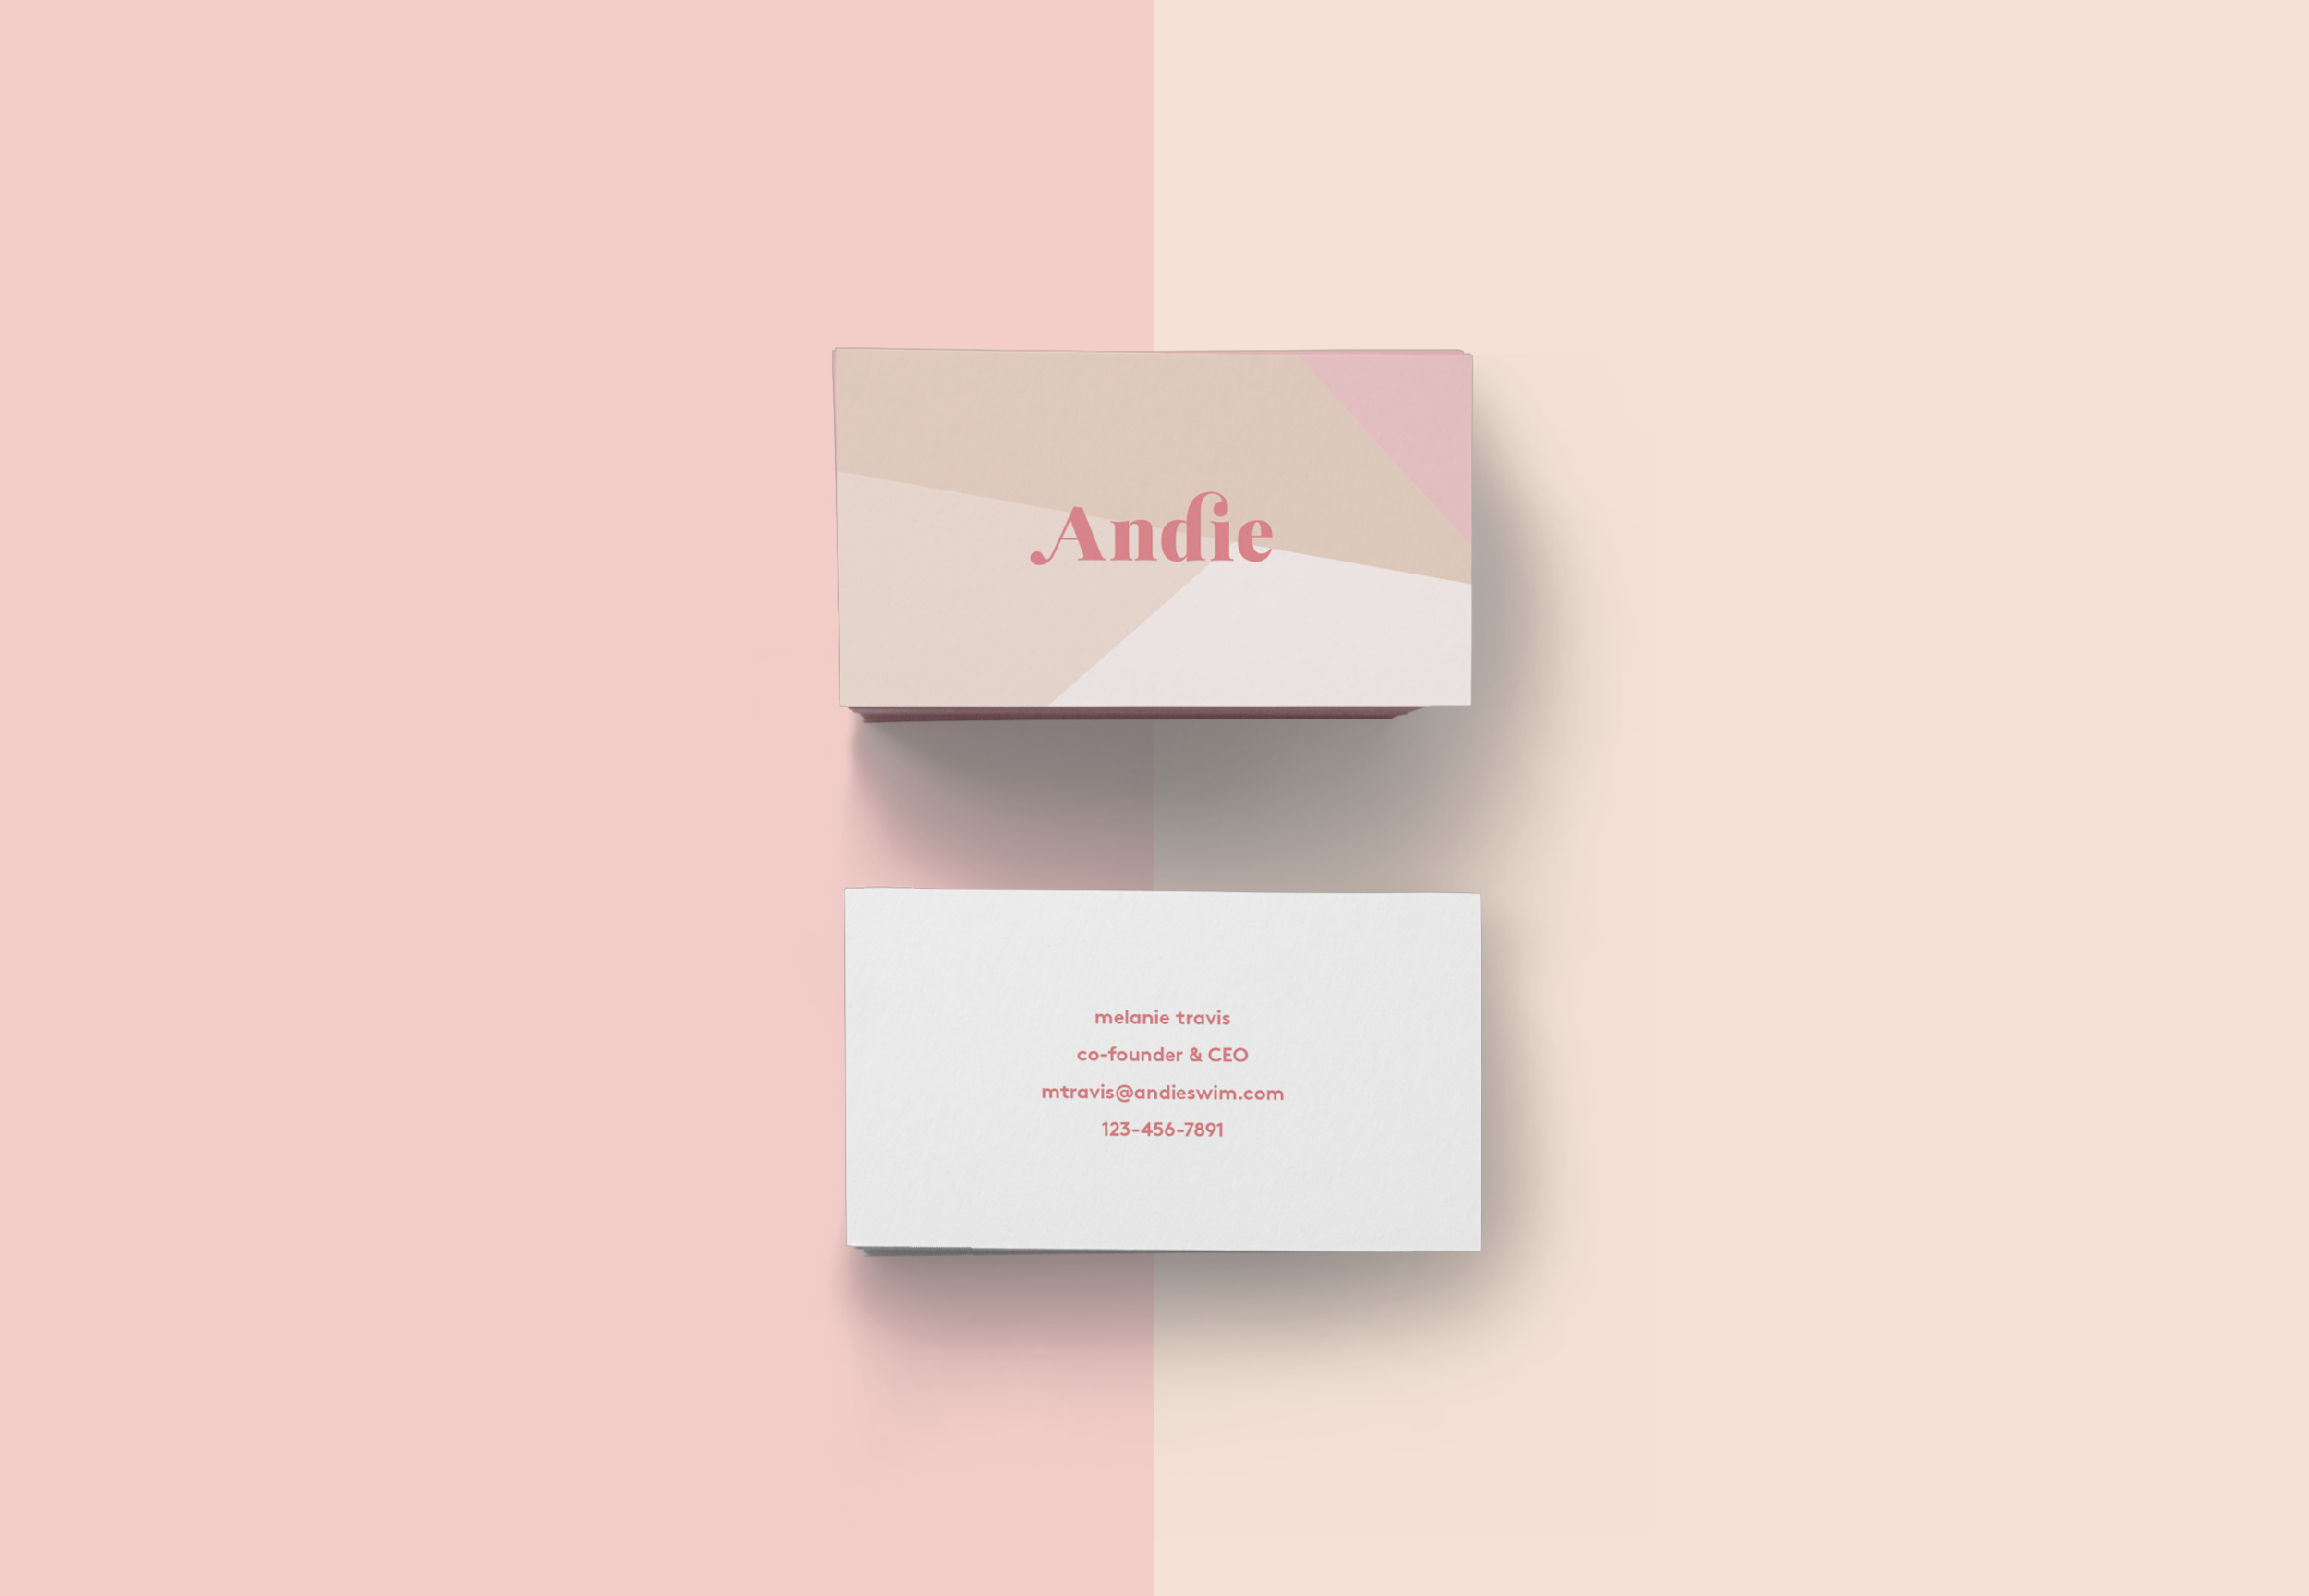 1-andie.png